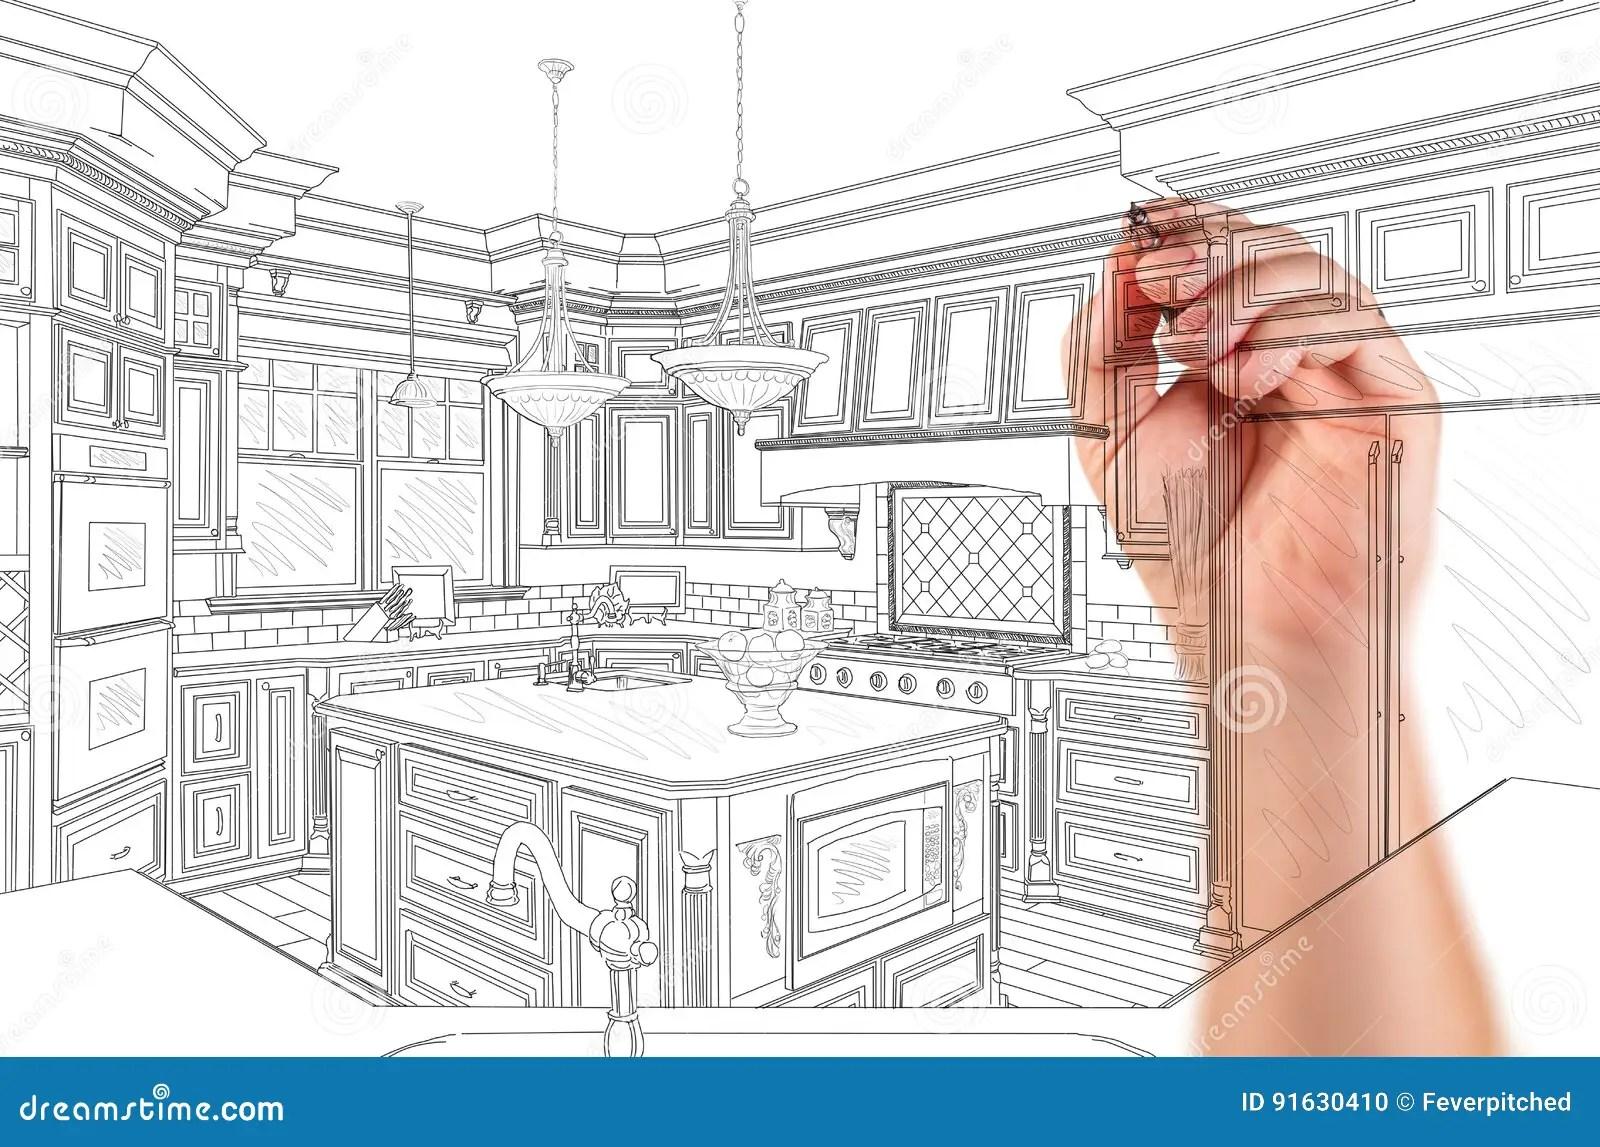 kitchen reno square faucet 建筑师习惯厨房设计图画细节的手库存照片 图片包括有厨房 你自己 建筑 建筑师习惯厨房设计图画细节的手